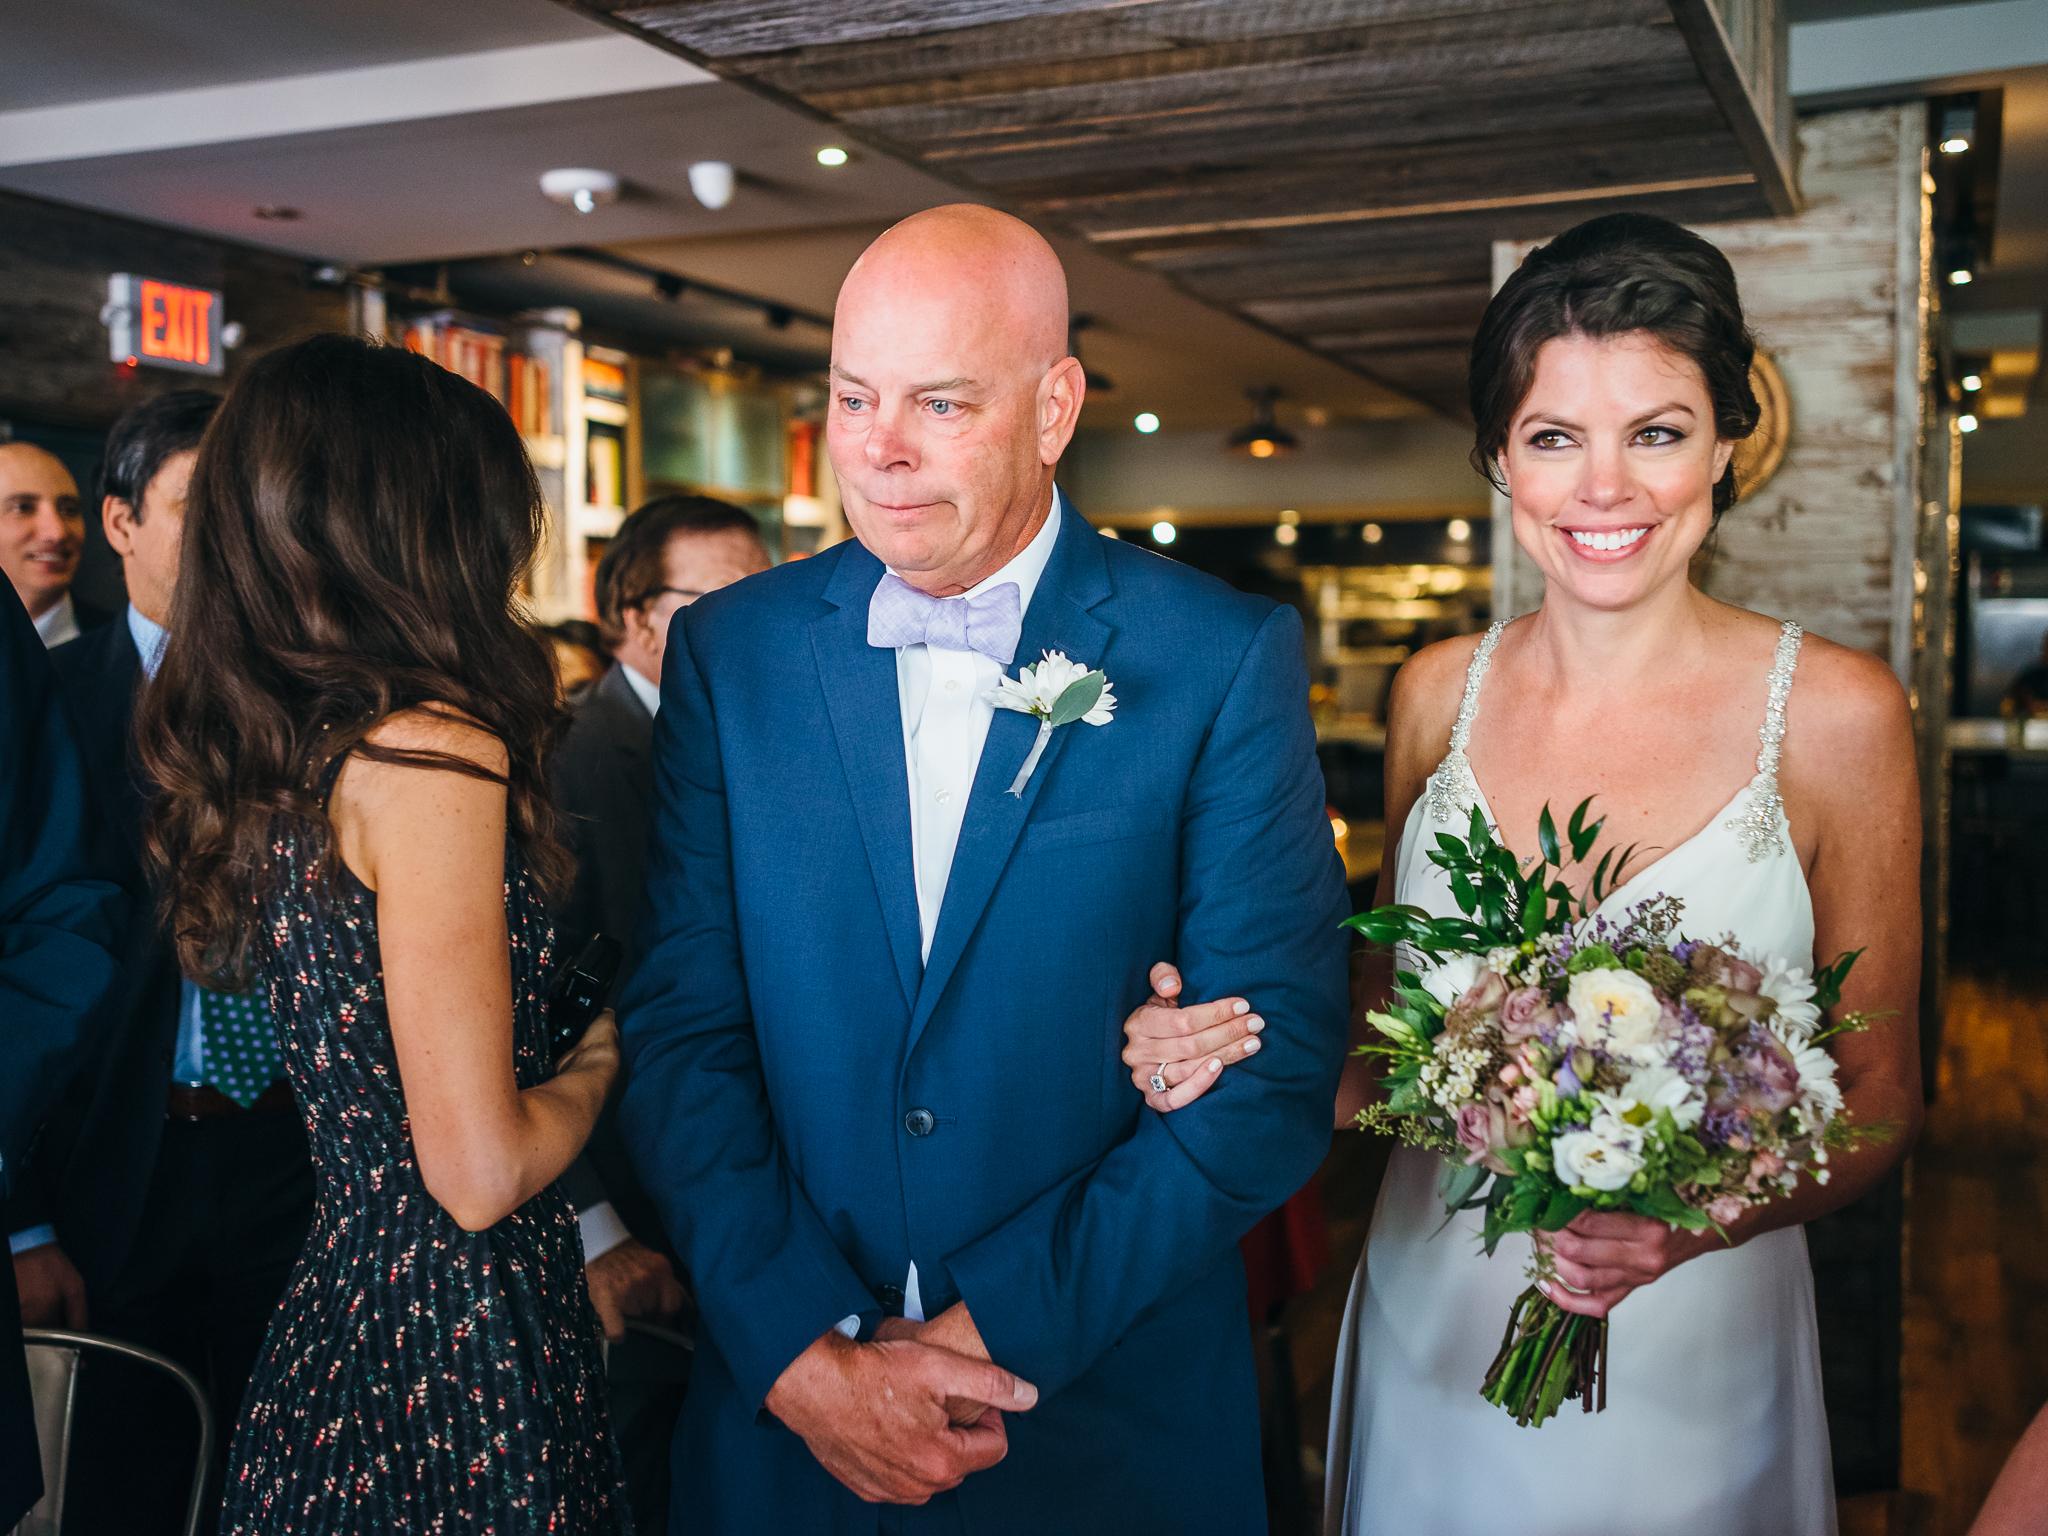 Barbuzzo_wedding_nw-0026.jpg